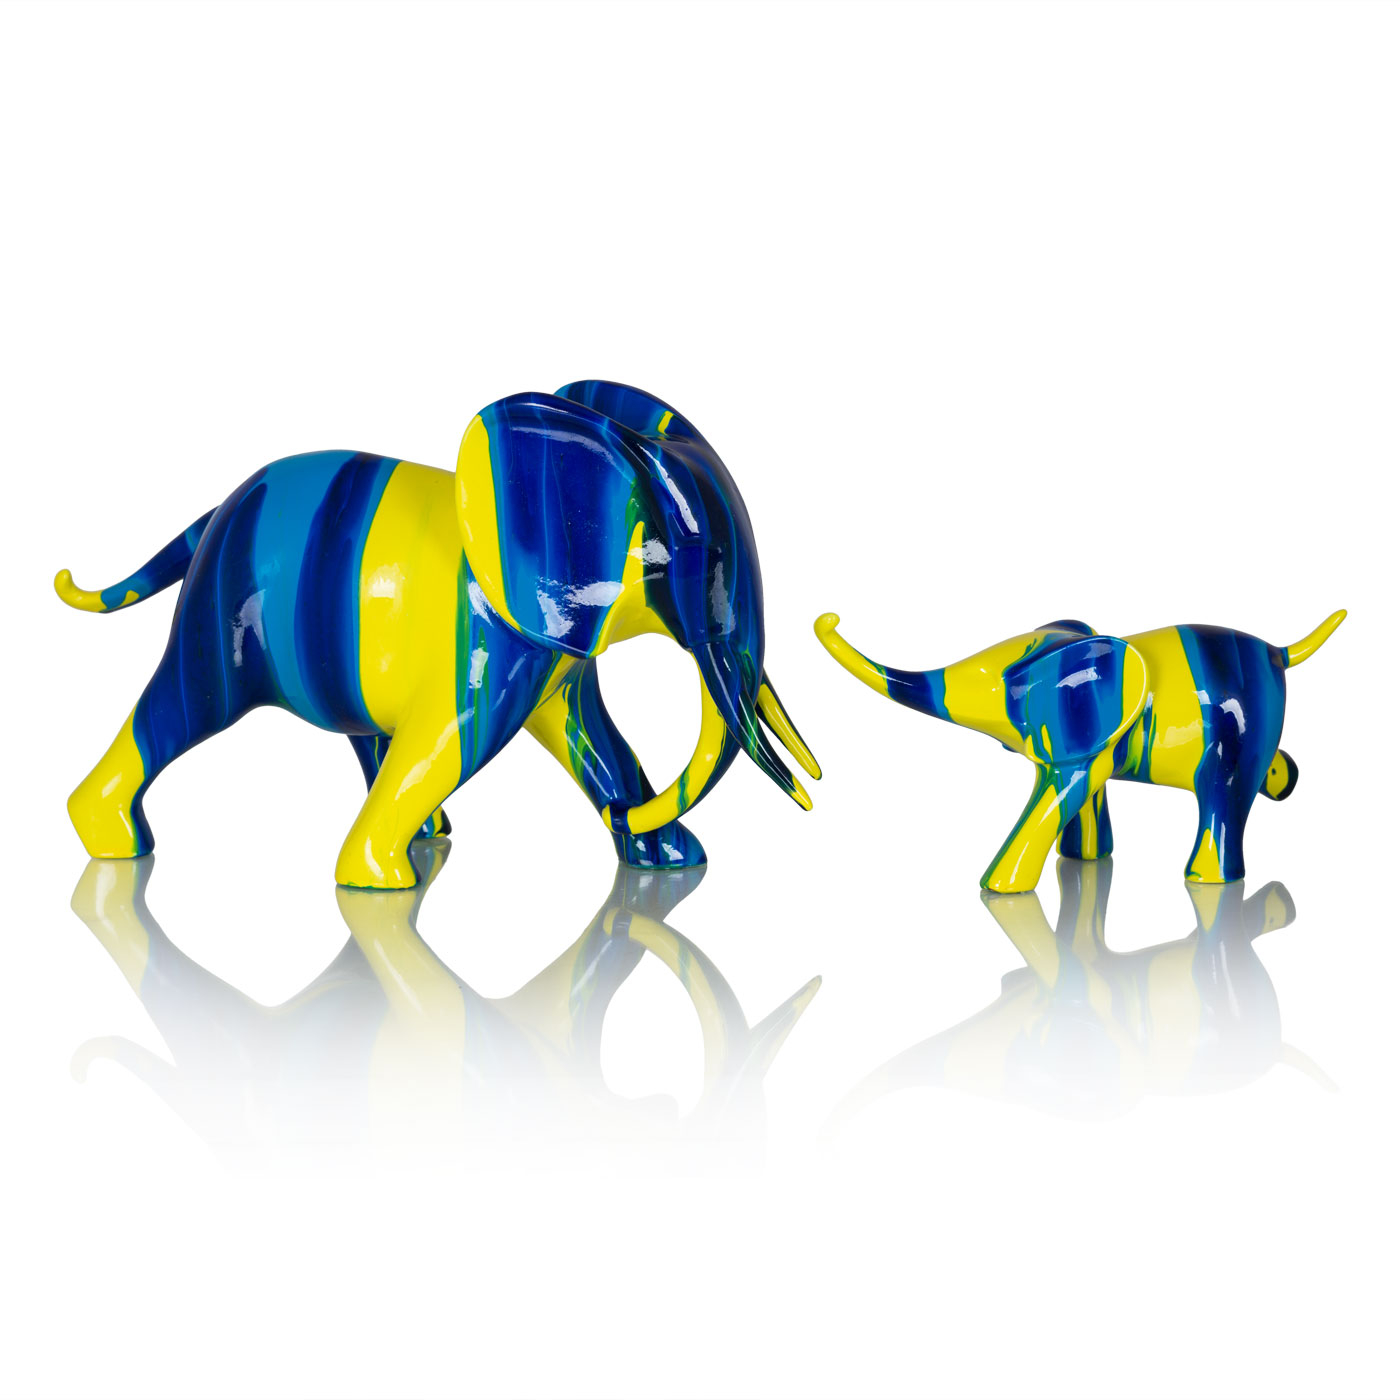 Купить Статуэтки и фигурки Home Philosophy, Набор фигурок Morrison Цвет: Сине-Желтый (2 шт), Китай, Полирезин